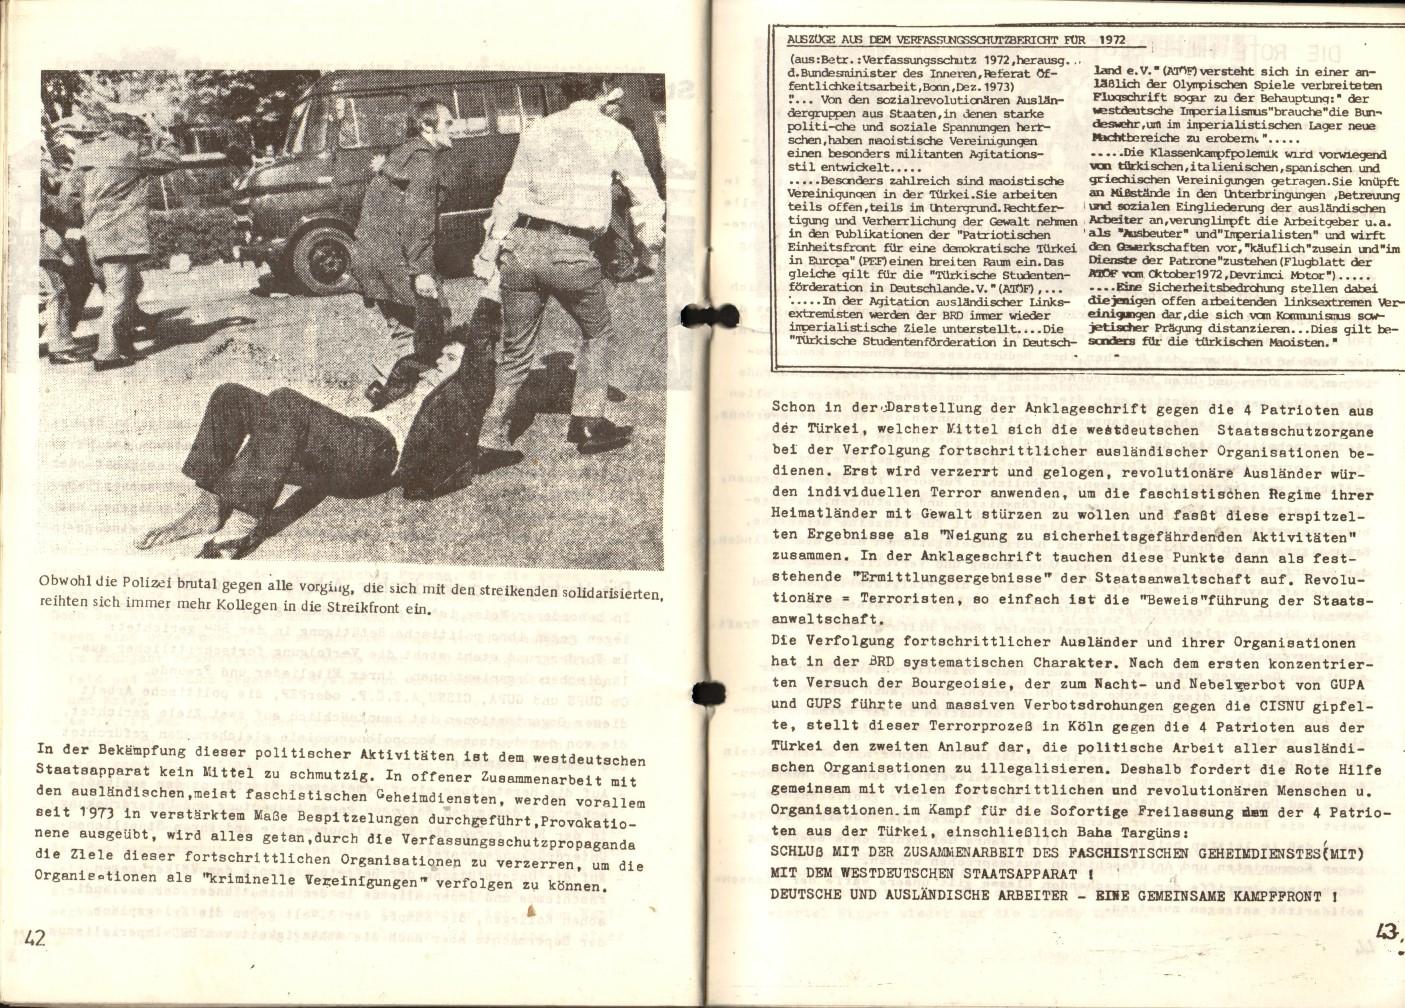 NRW_Rote_Hilfe_1975_Sofortige_Freilassung_der_tuerkischen_Patrioten_23